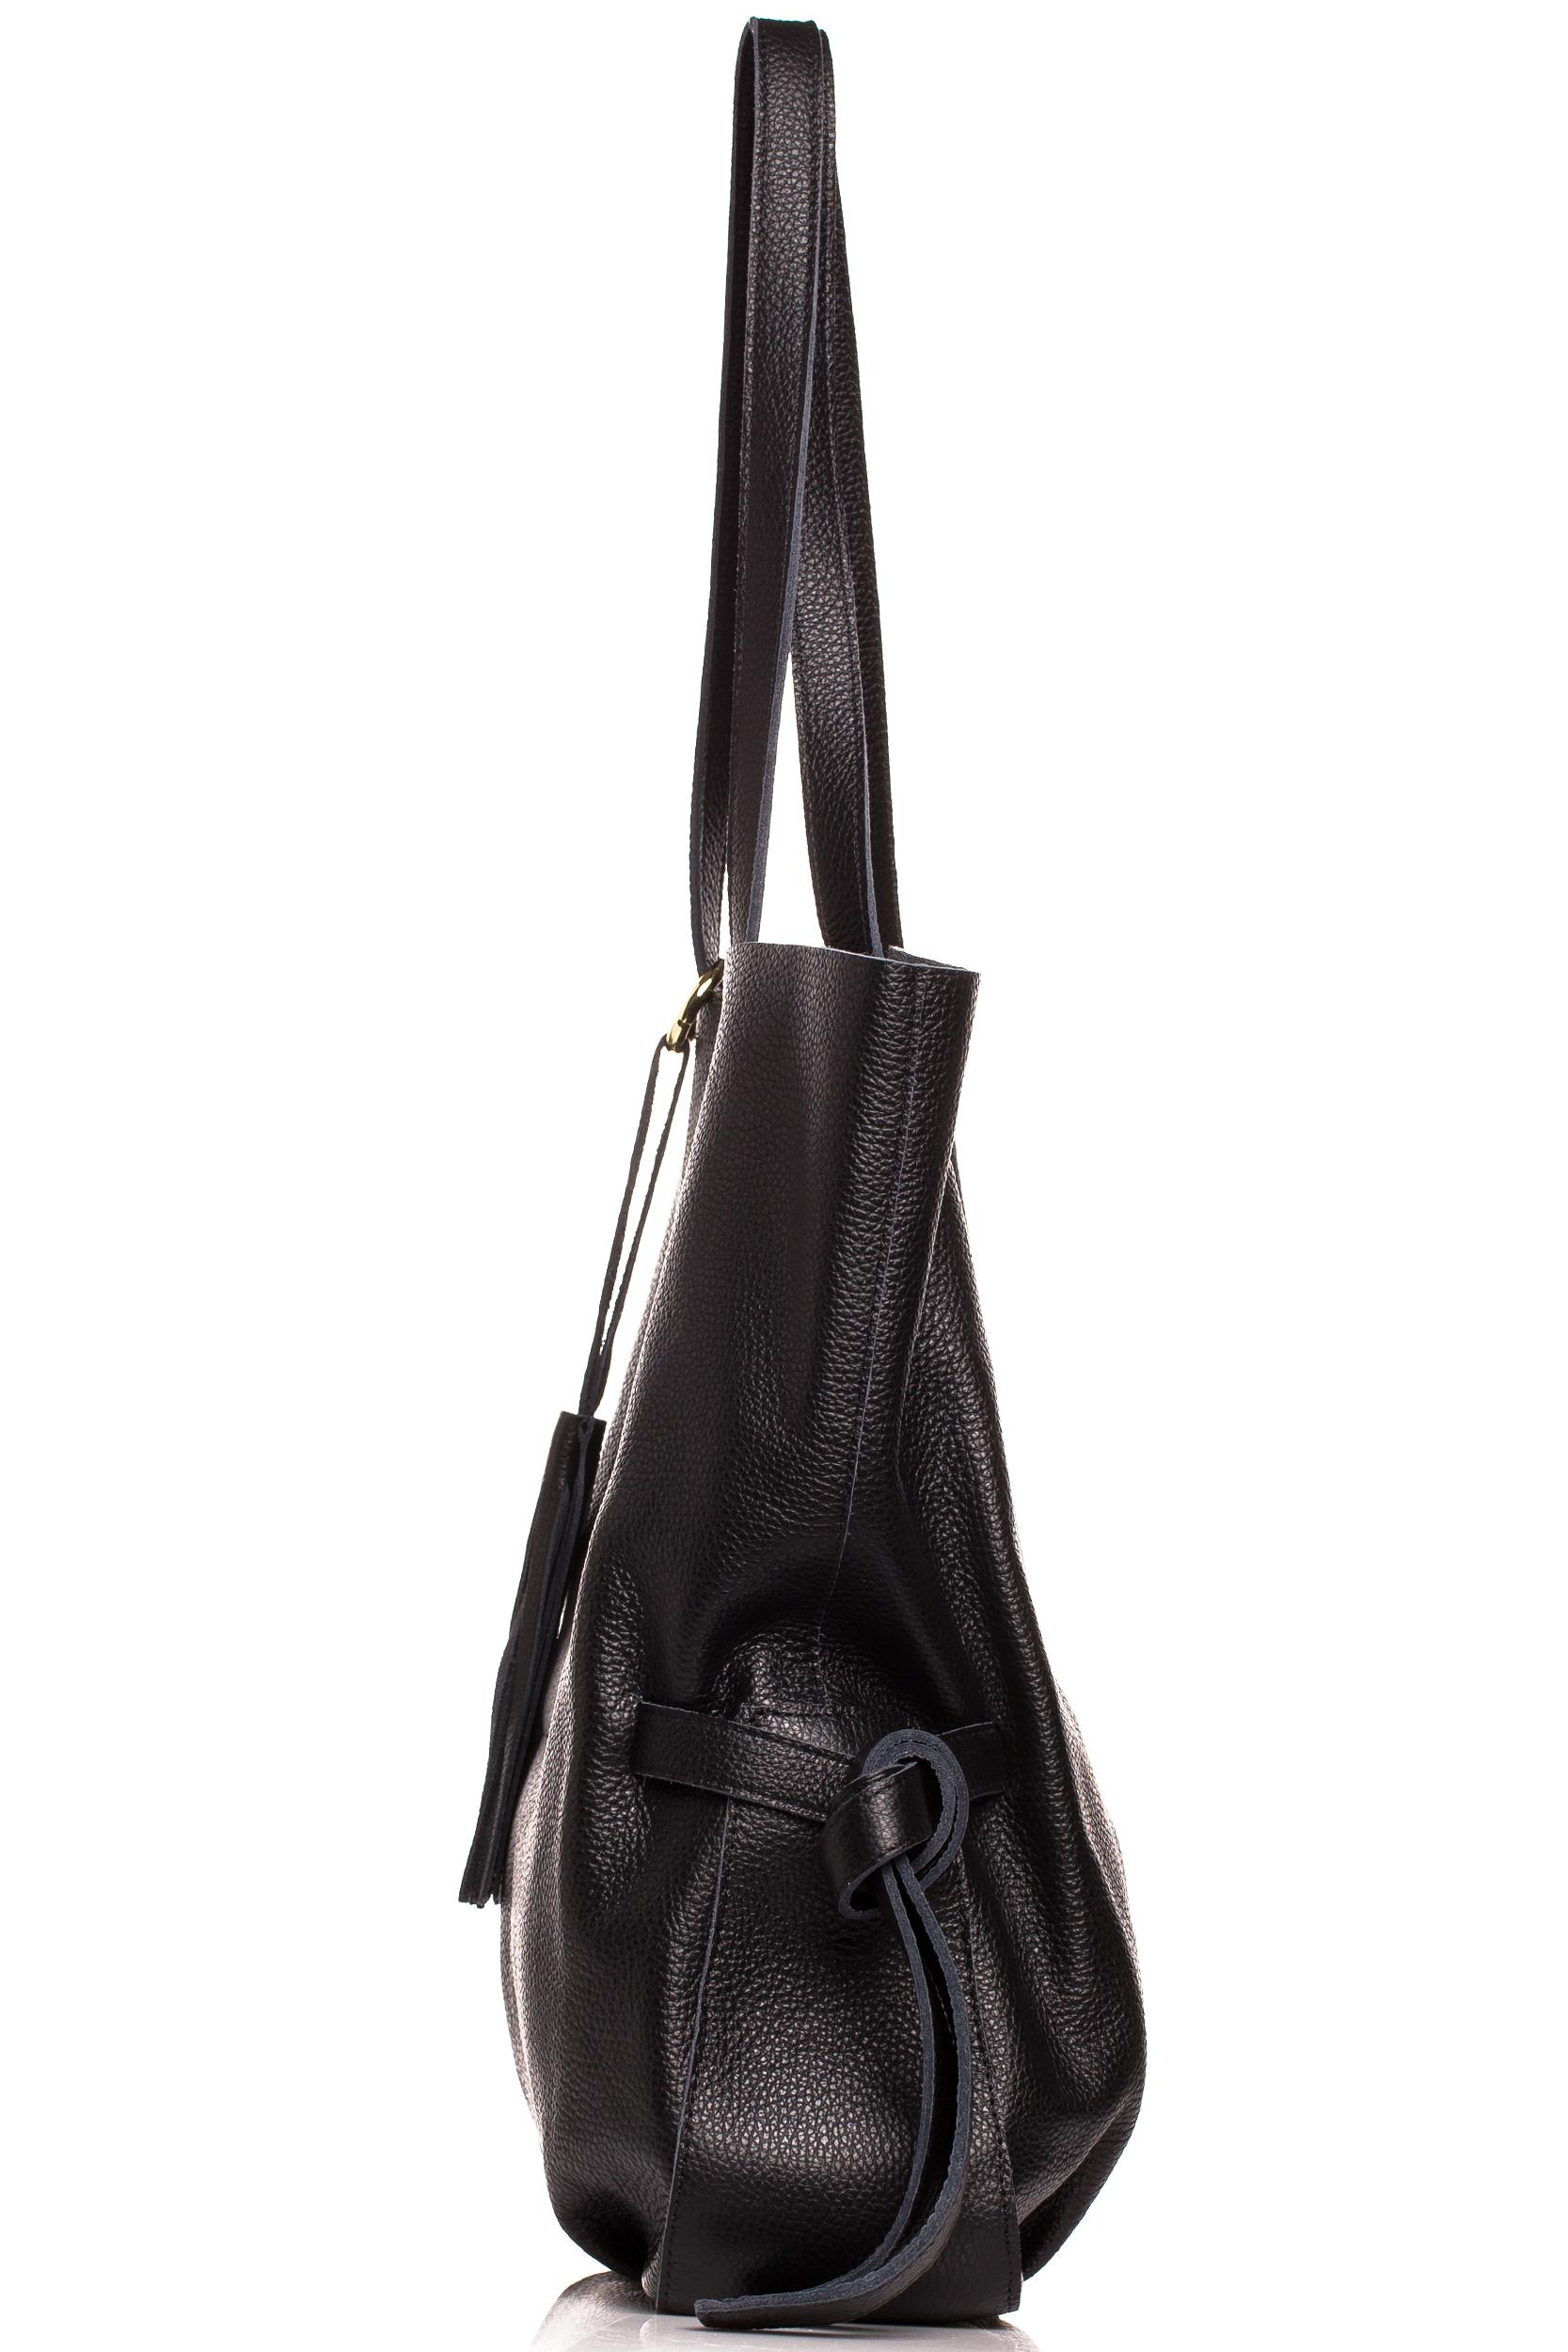 CM4613 Stylowa torebka z ozdobnymi frędzlami - czarna